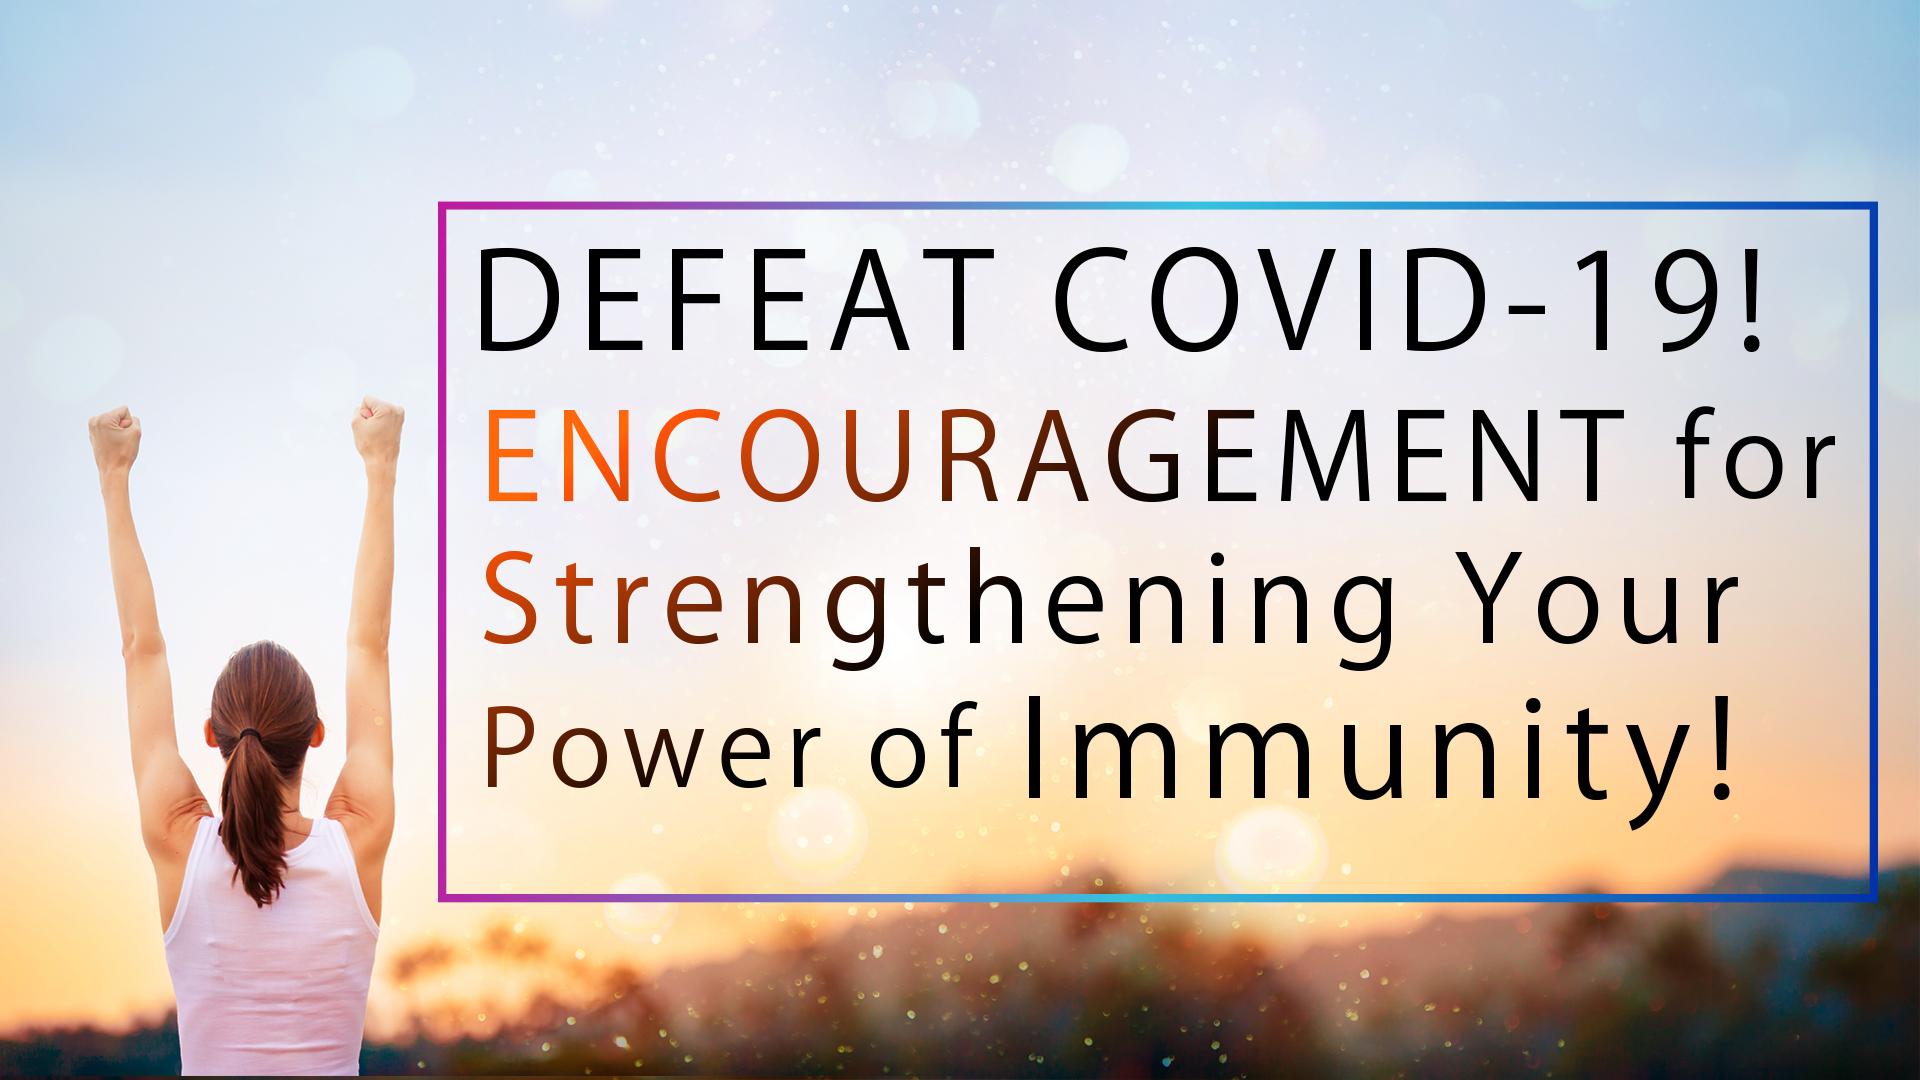 Defeat the Novel Coronavirus! – Encouragement for Strengthening Your Power of Immunity